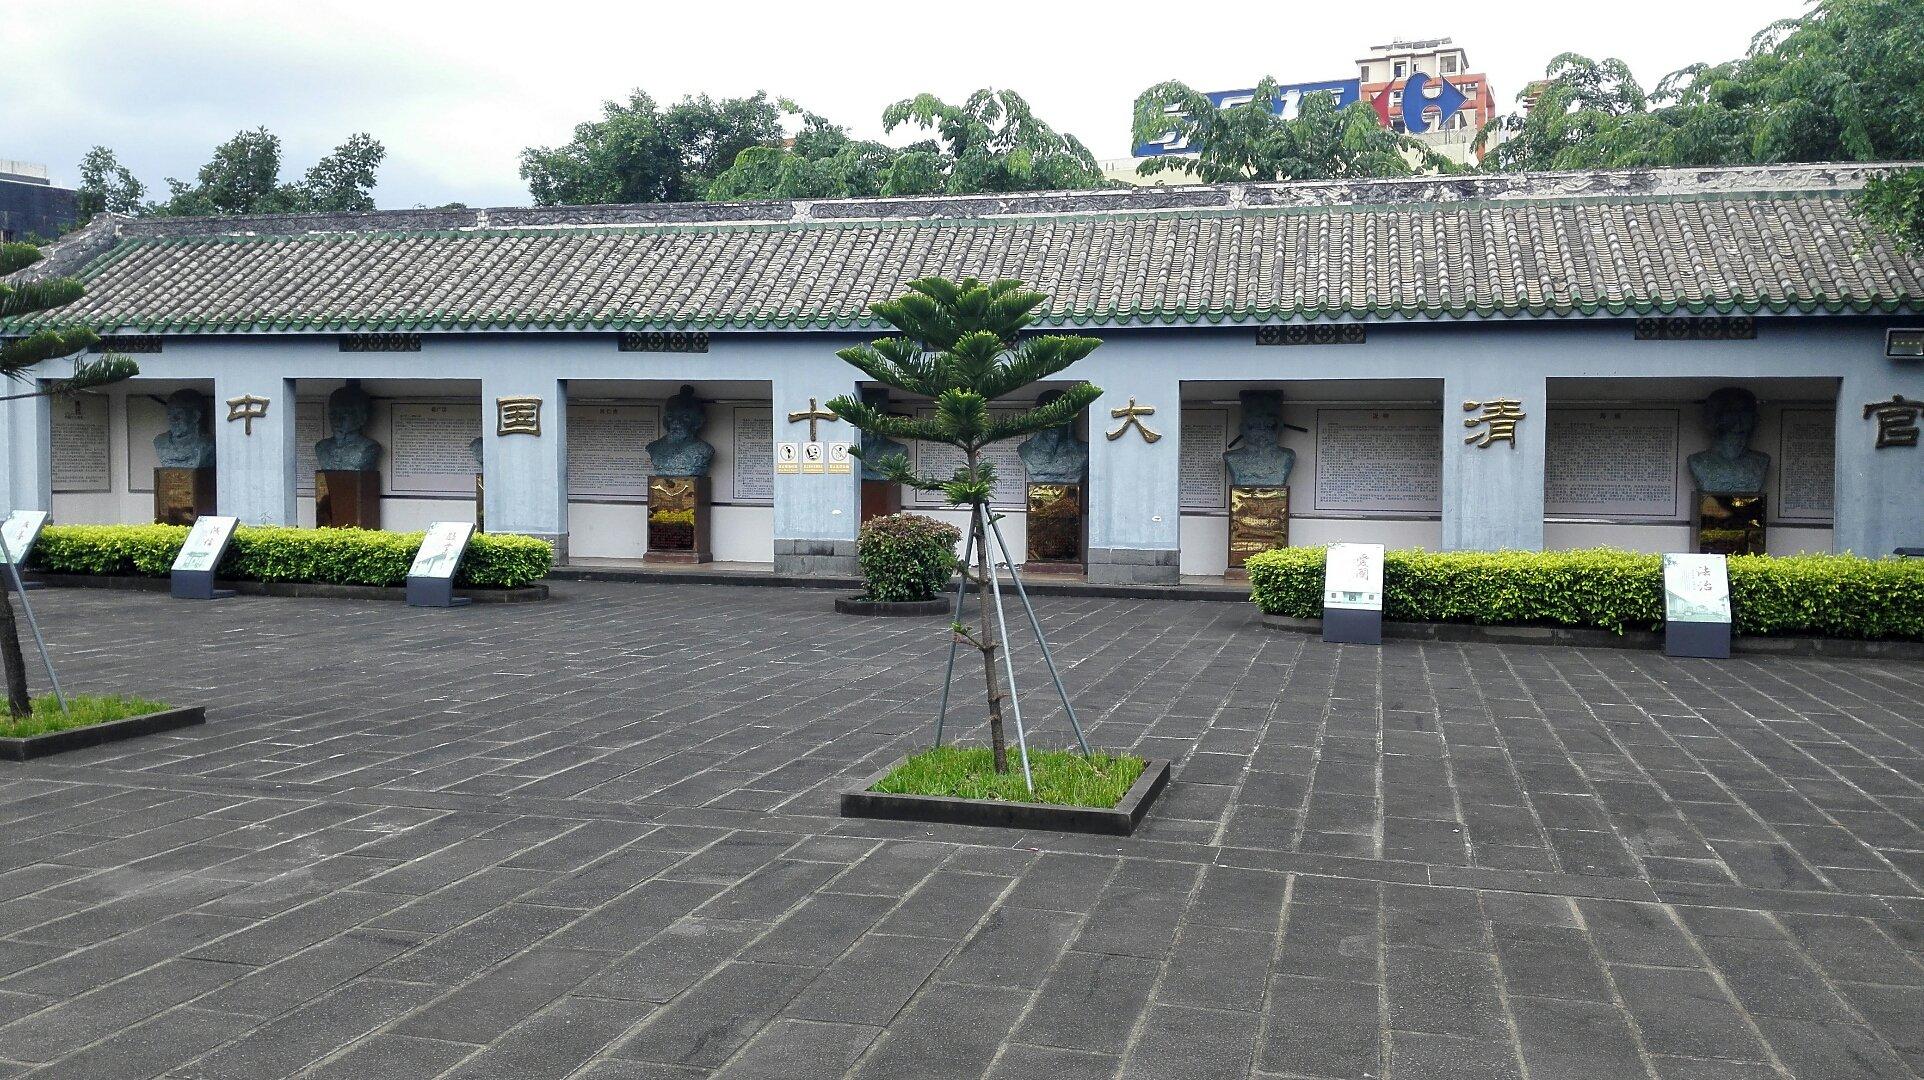 海南省海口市琼山区朱云路63号靠近中国邮政储蓄银行(红城湖路营业所)天气预报